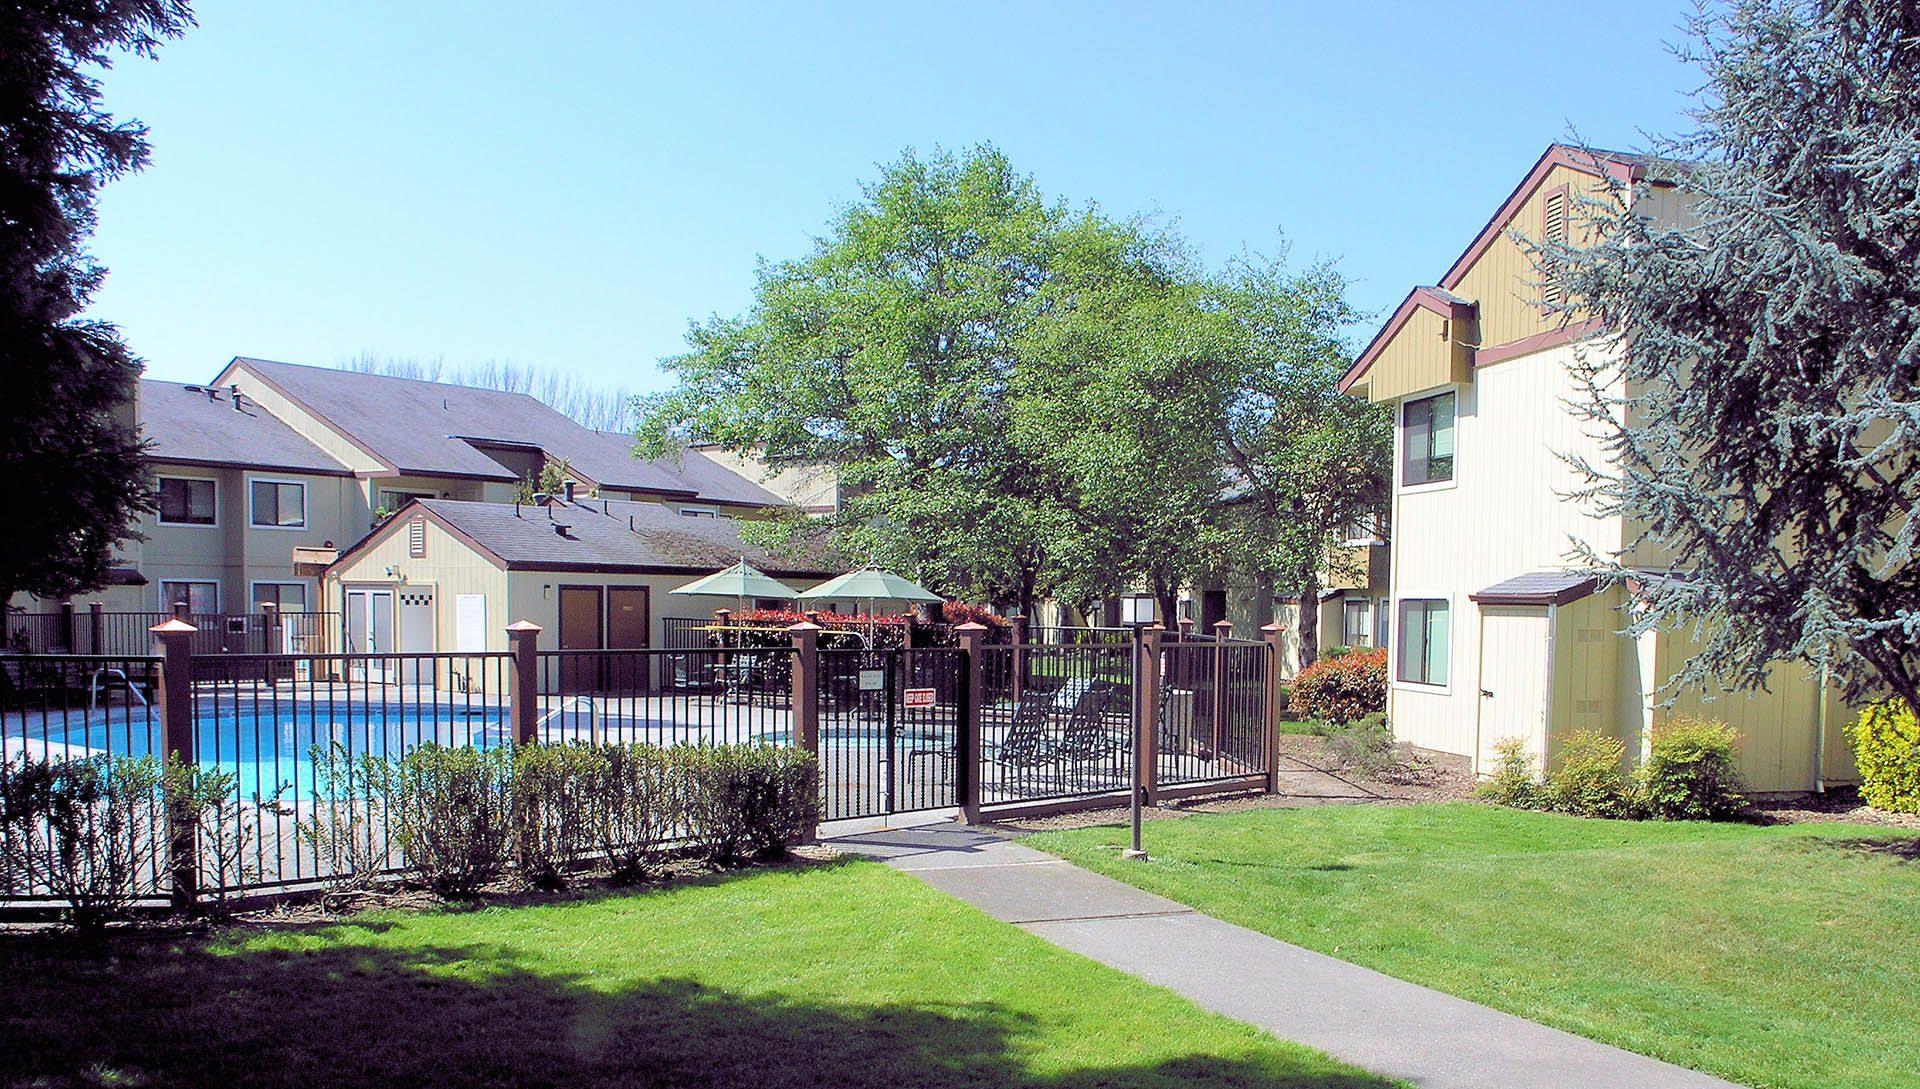 Apartments in Rohnert Park, CA